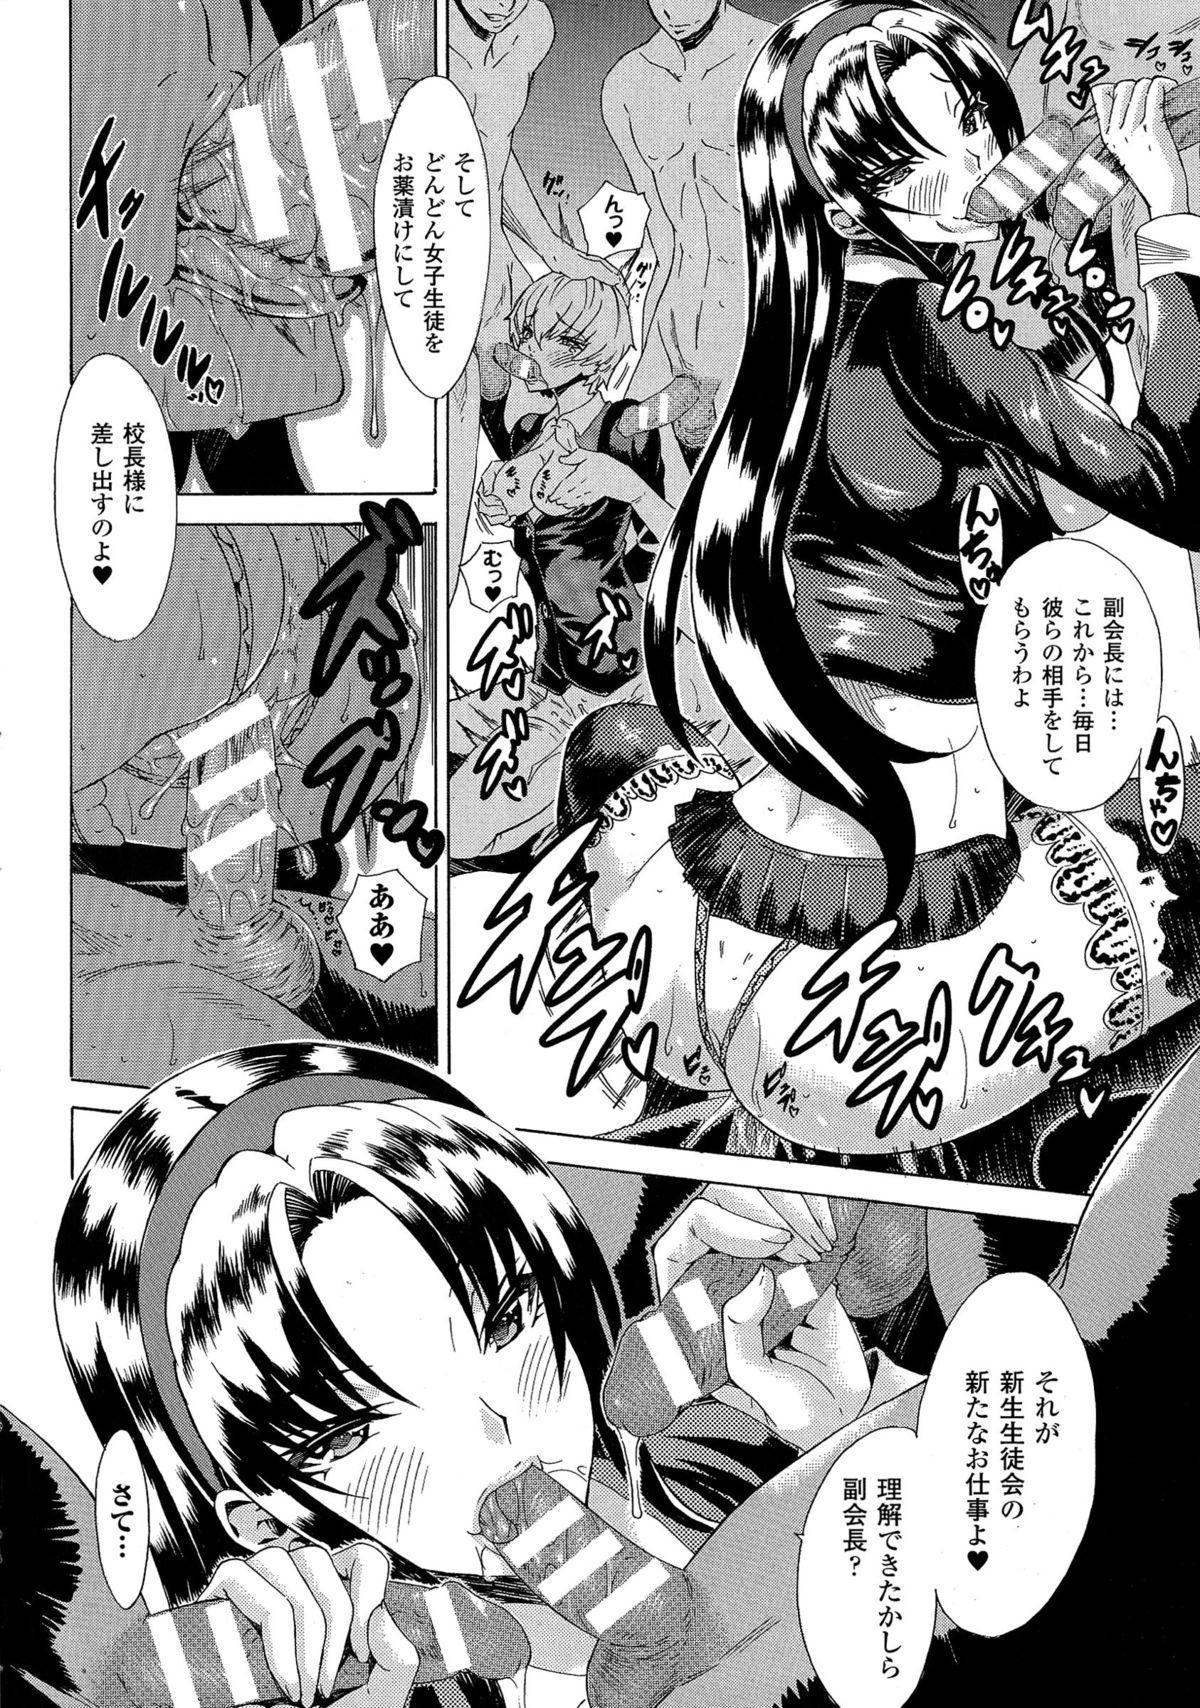 Kachiki na Onna ga Buzama na Ahegao o Sarasu made 59